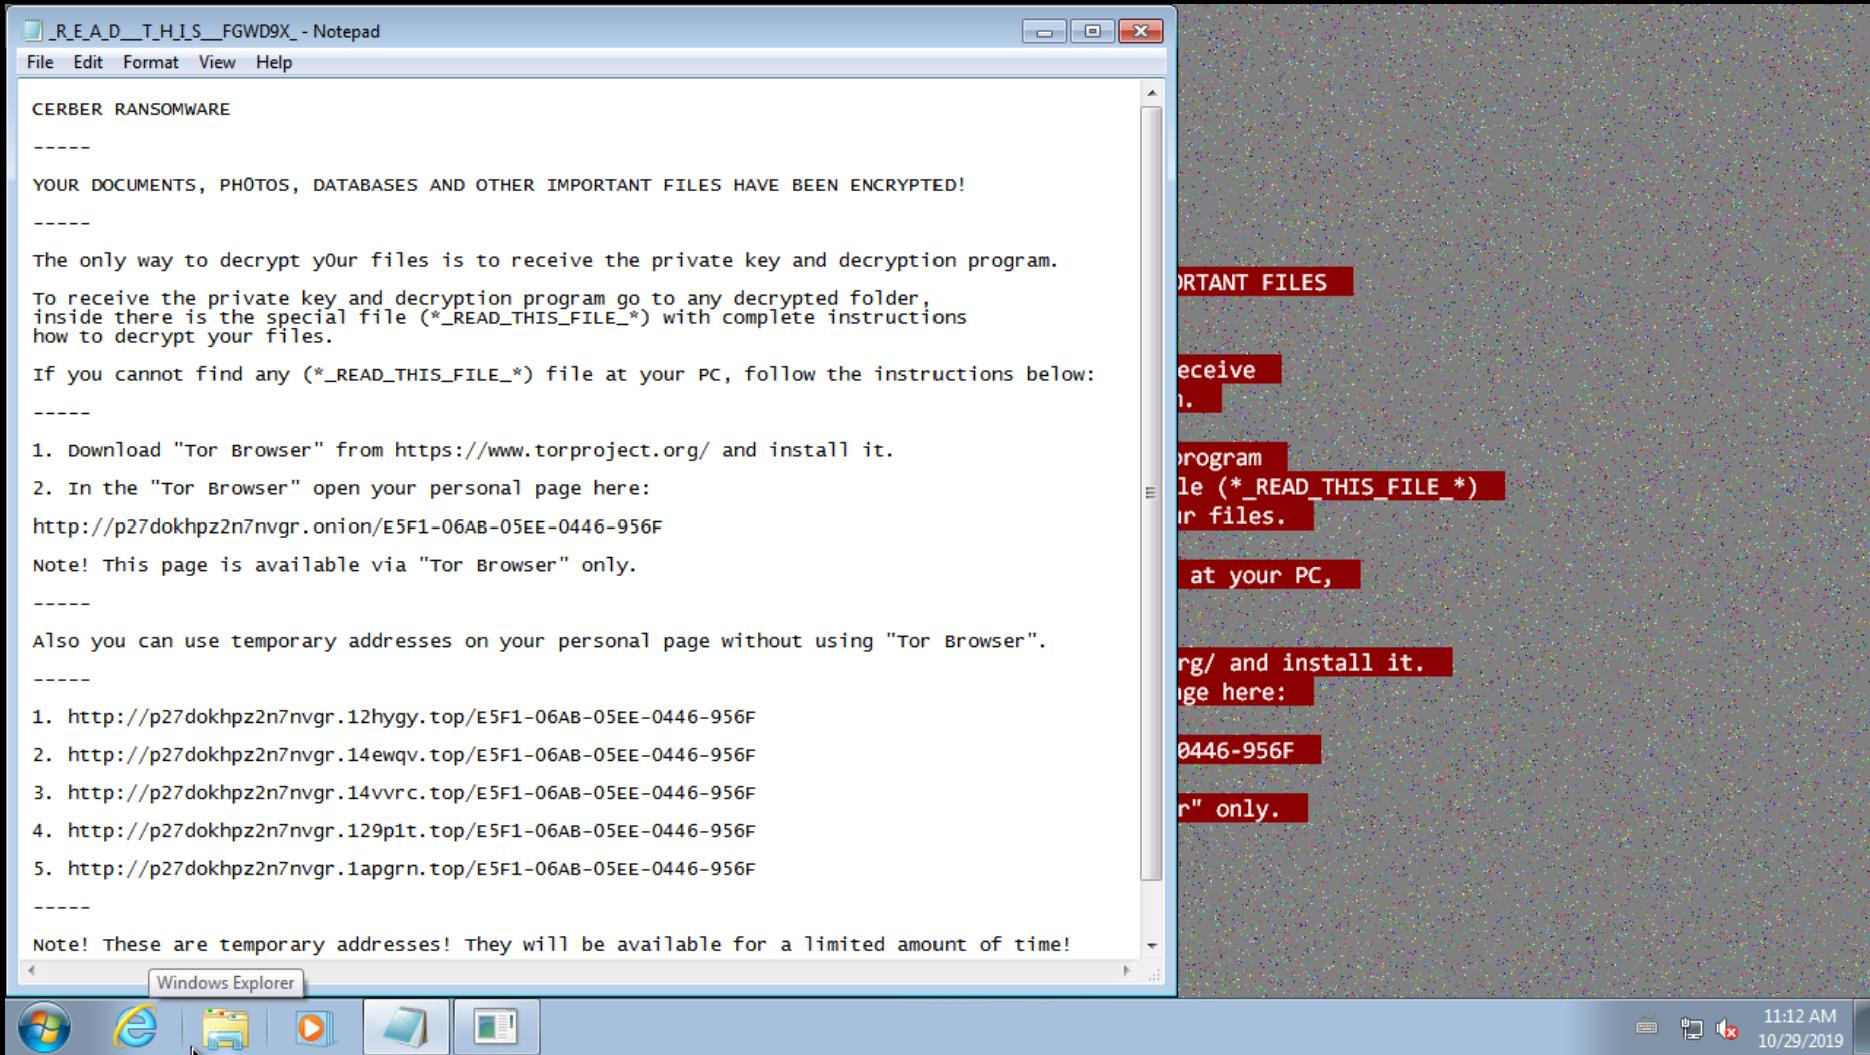 【麋鹿】解析勒索软件的通用技术